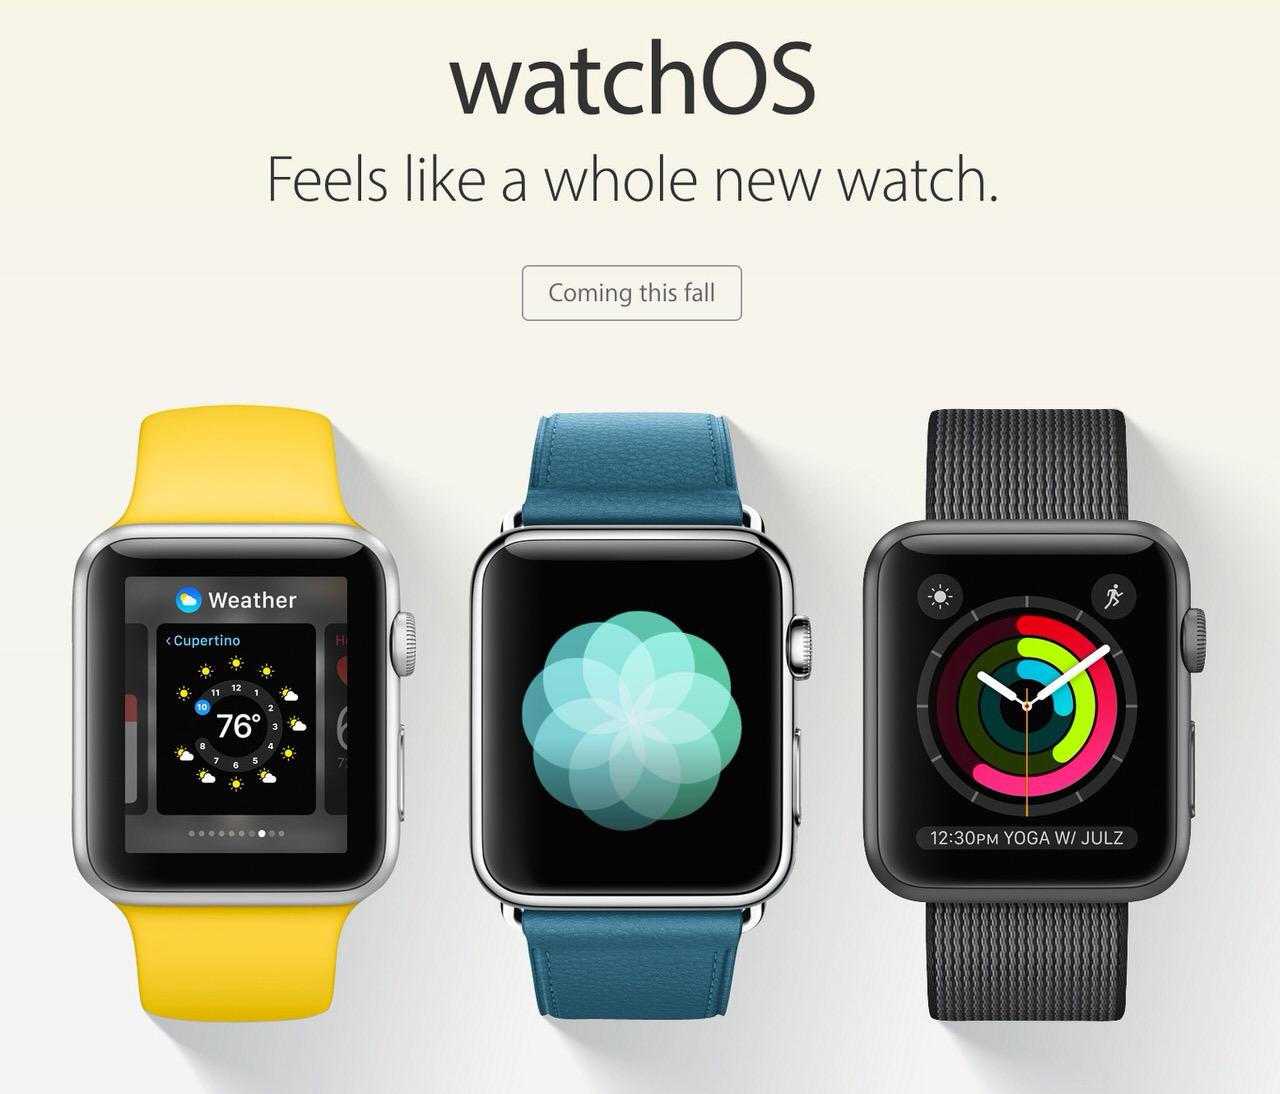 「watchOS 3」発表 〜2016年秋にリリース、アプリの起動時間が高速に